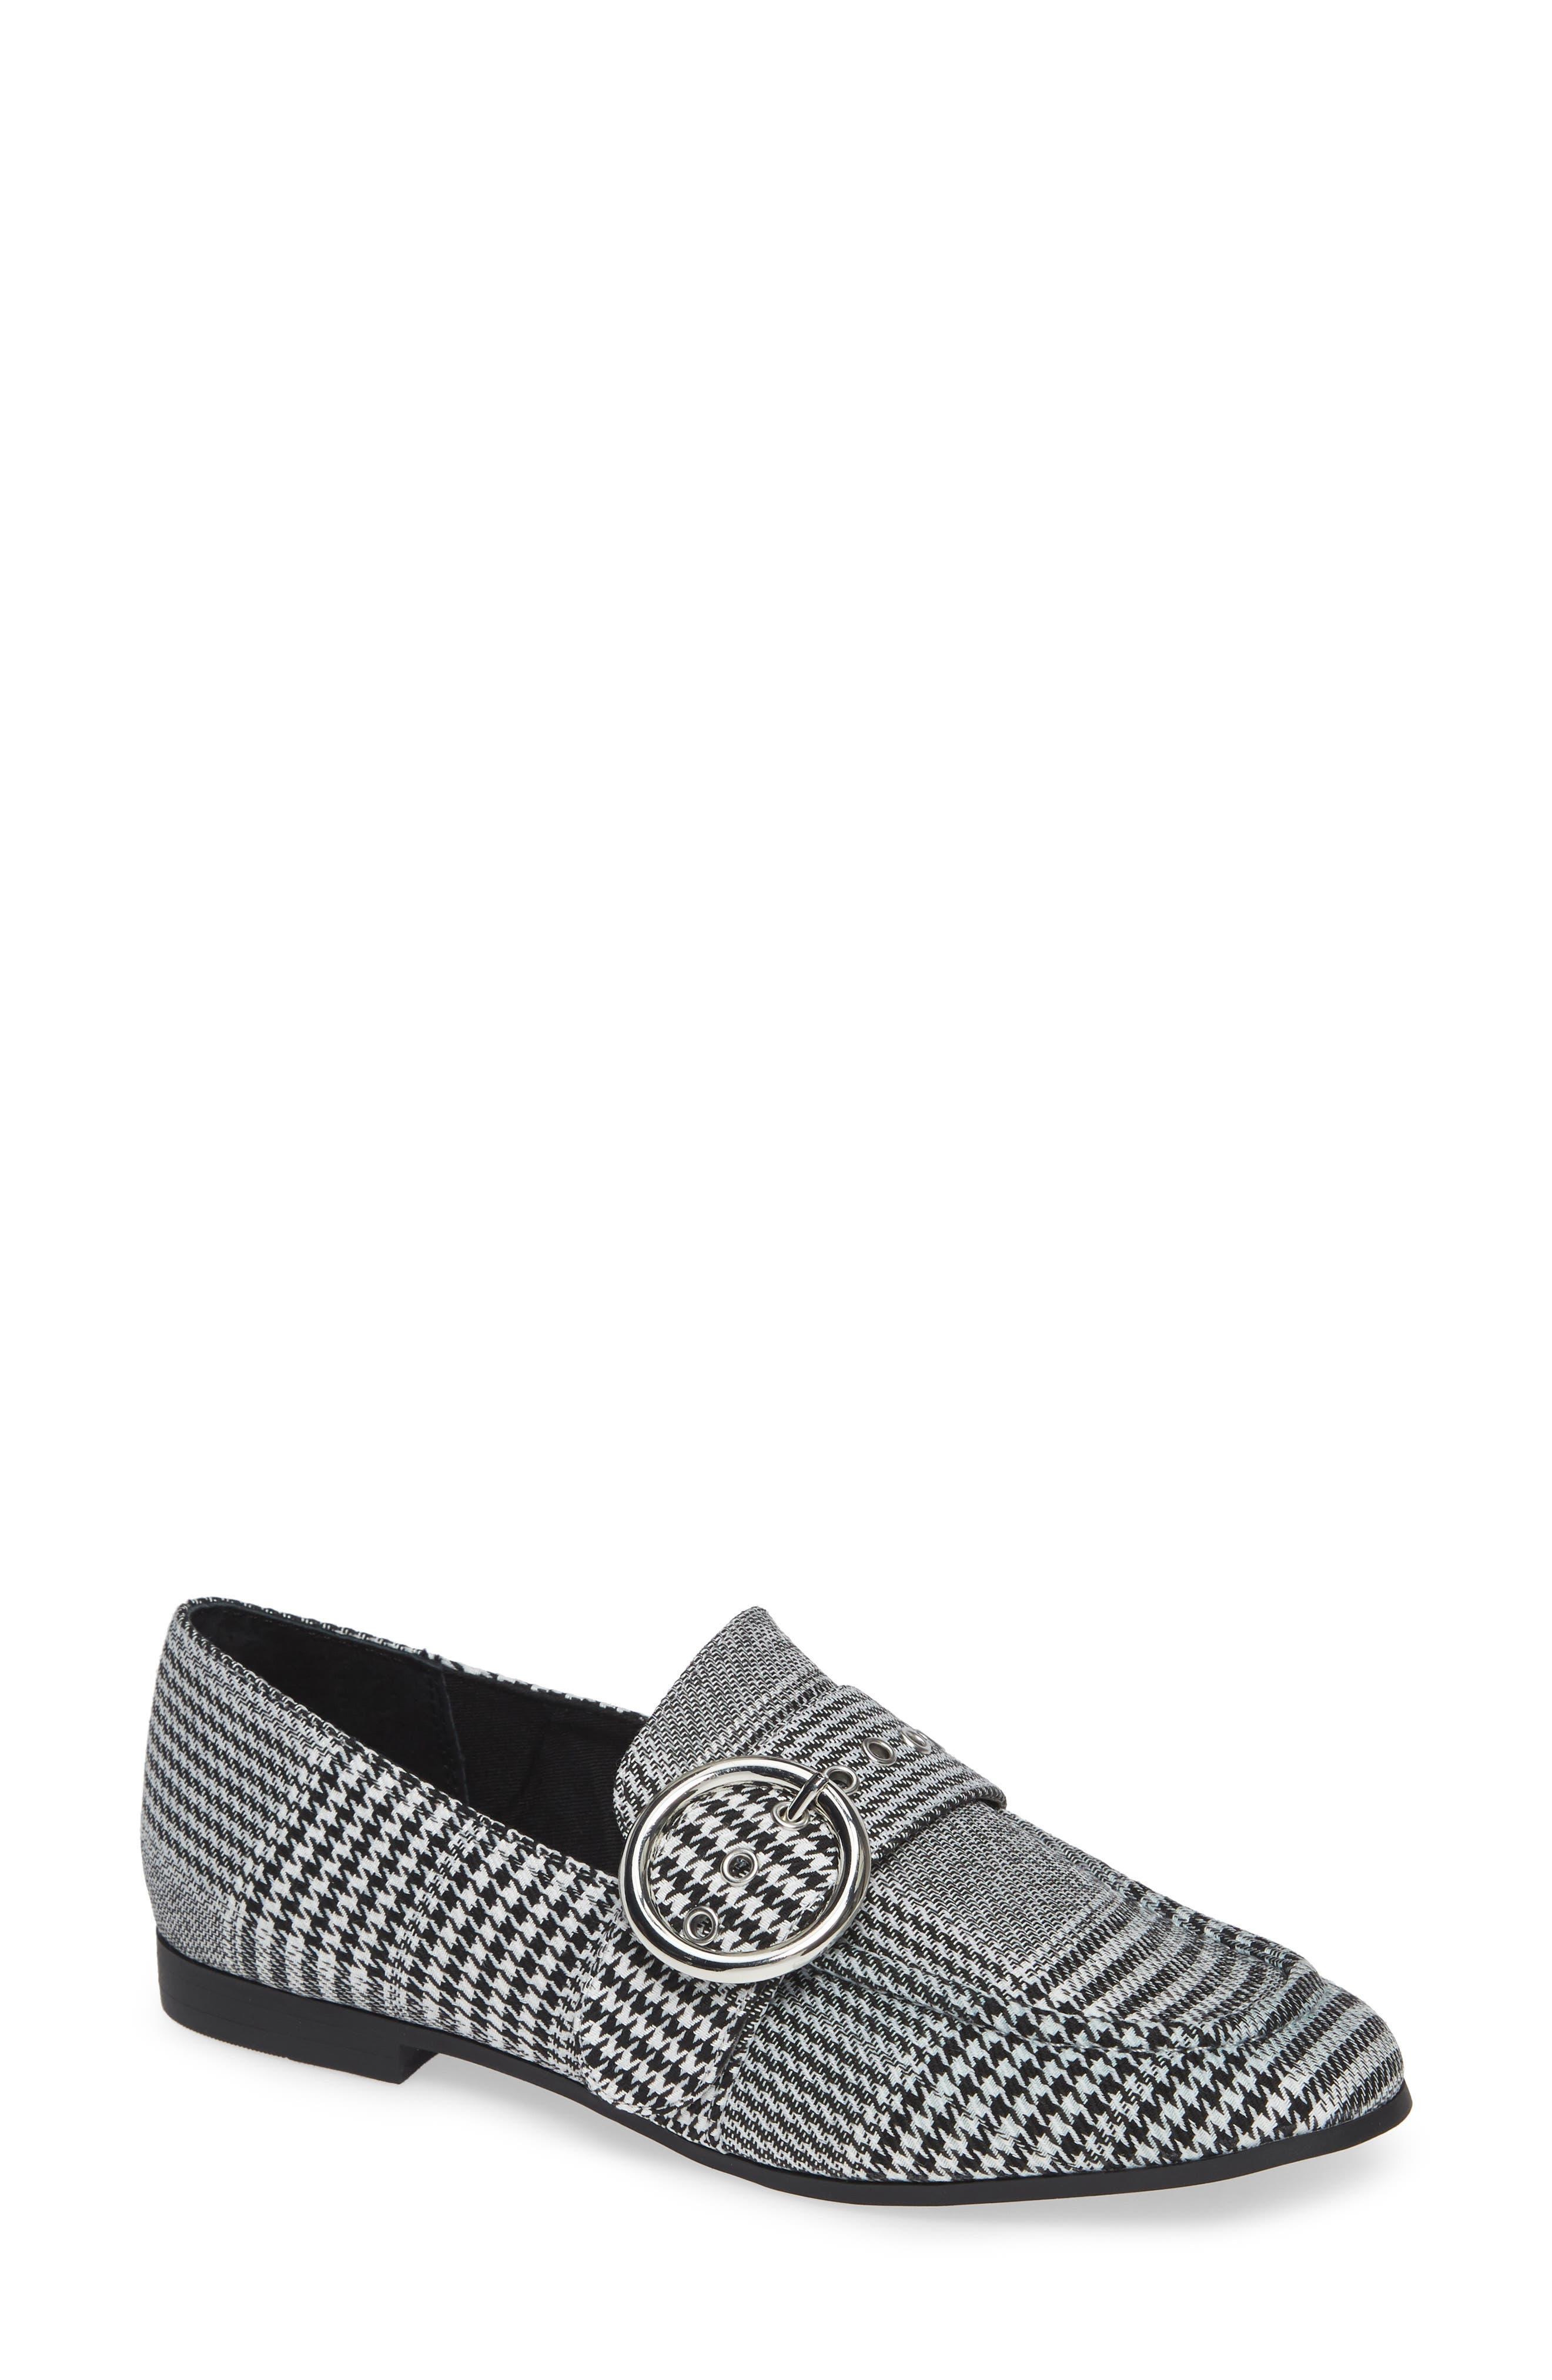 Balance Loafer,                         Main,                         color, BLACK